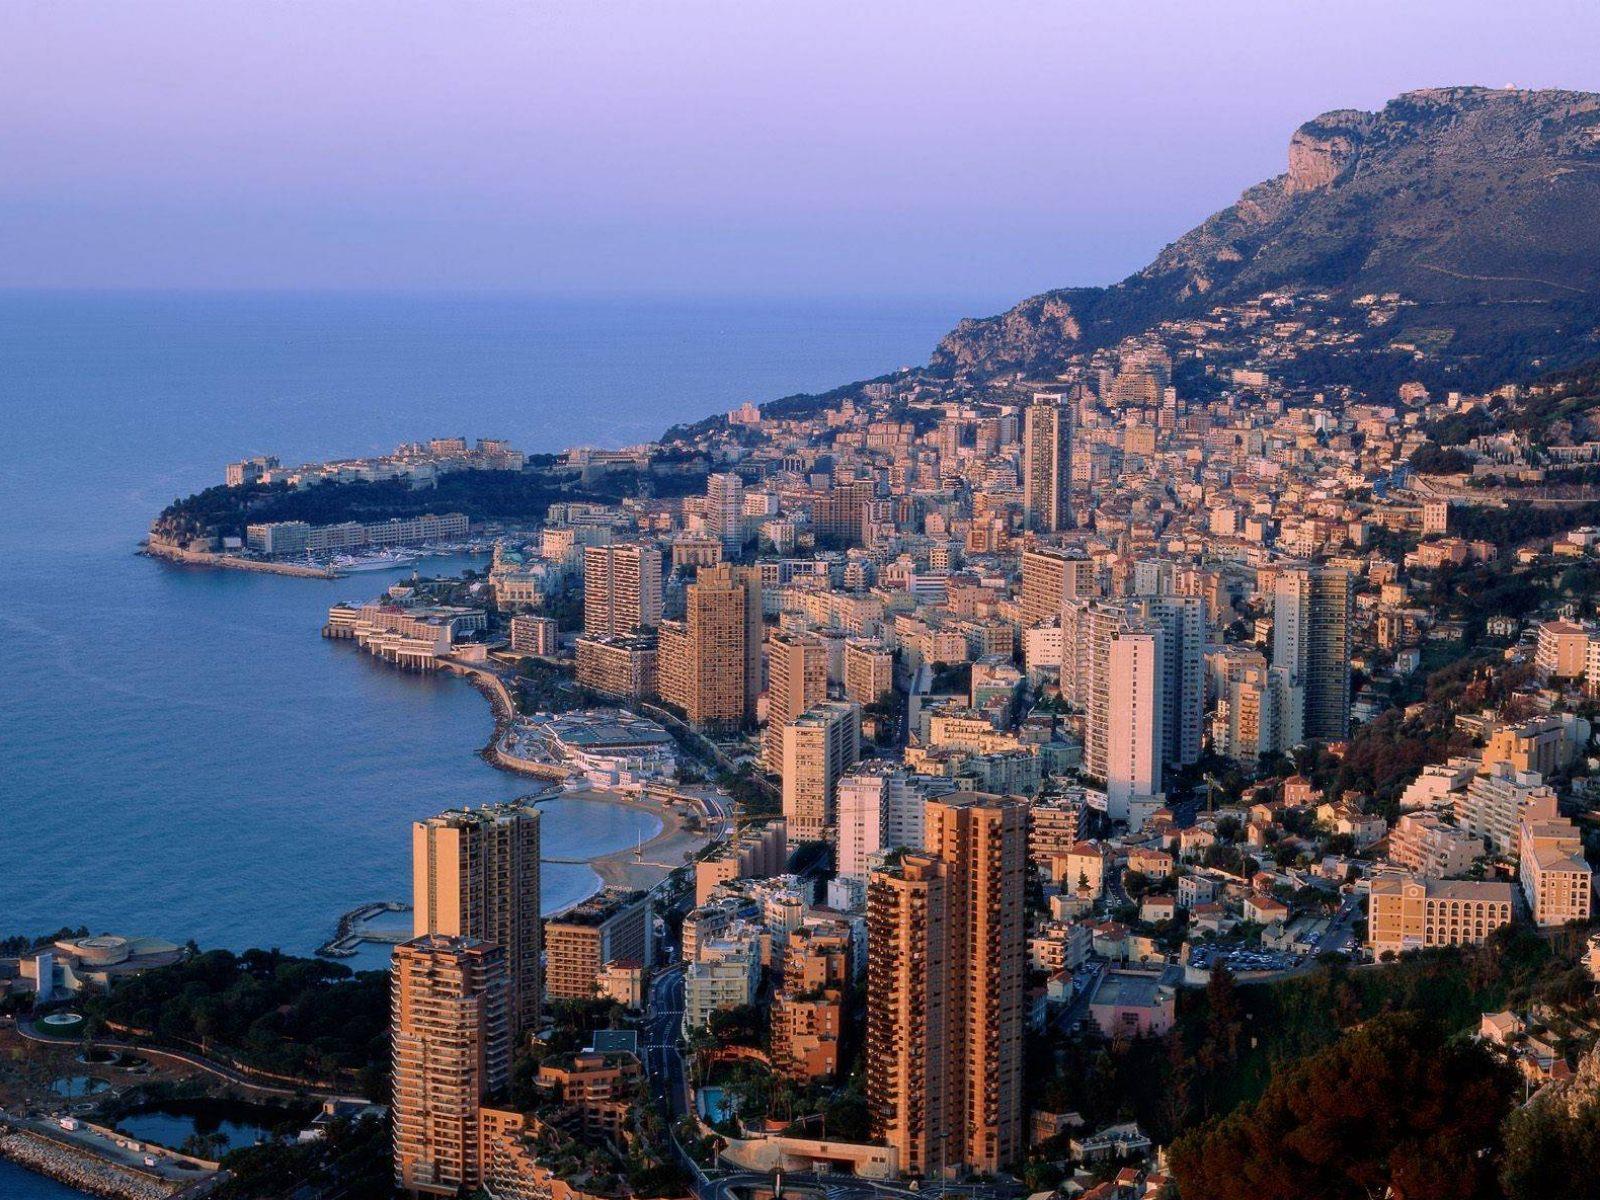 Монте-Карло объявило даты проведения весеннего фестиваля искусств